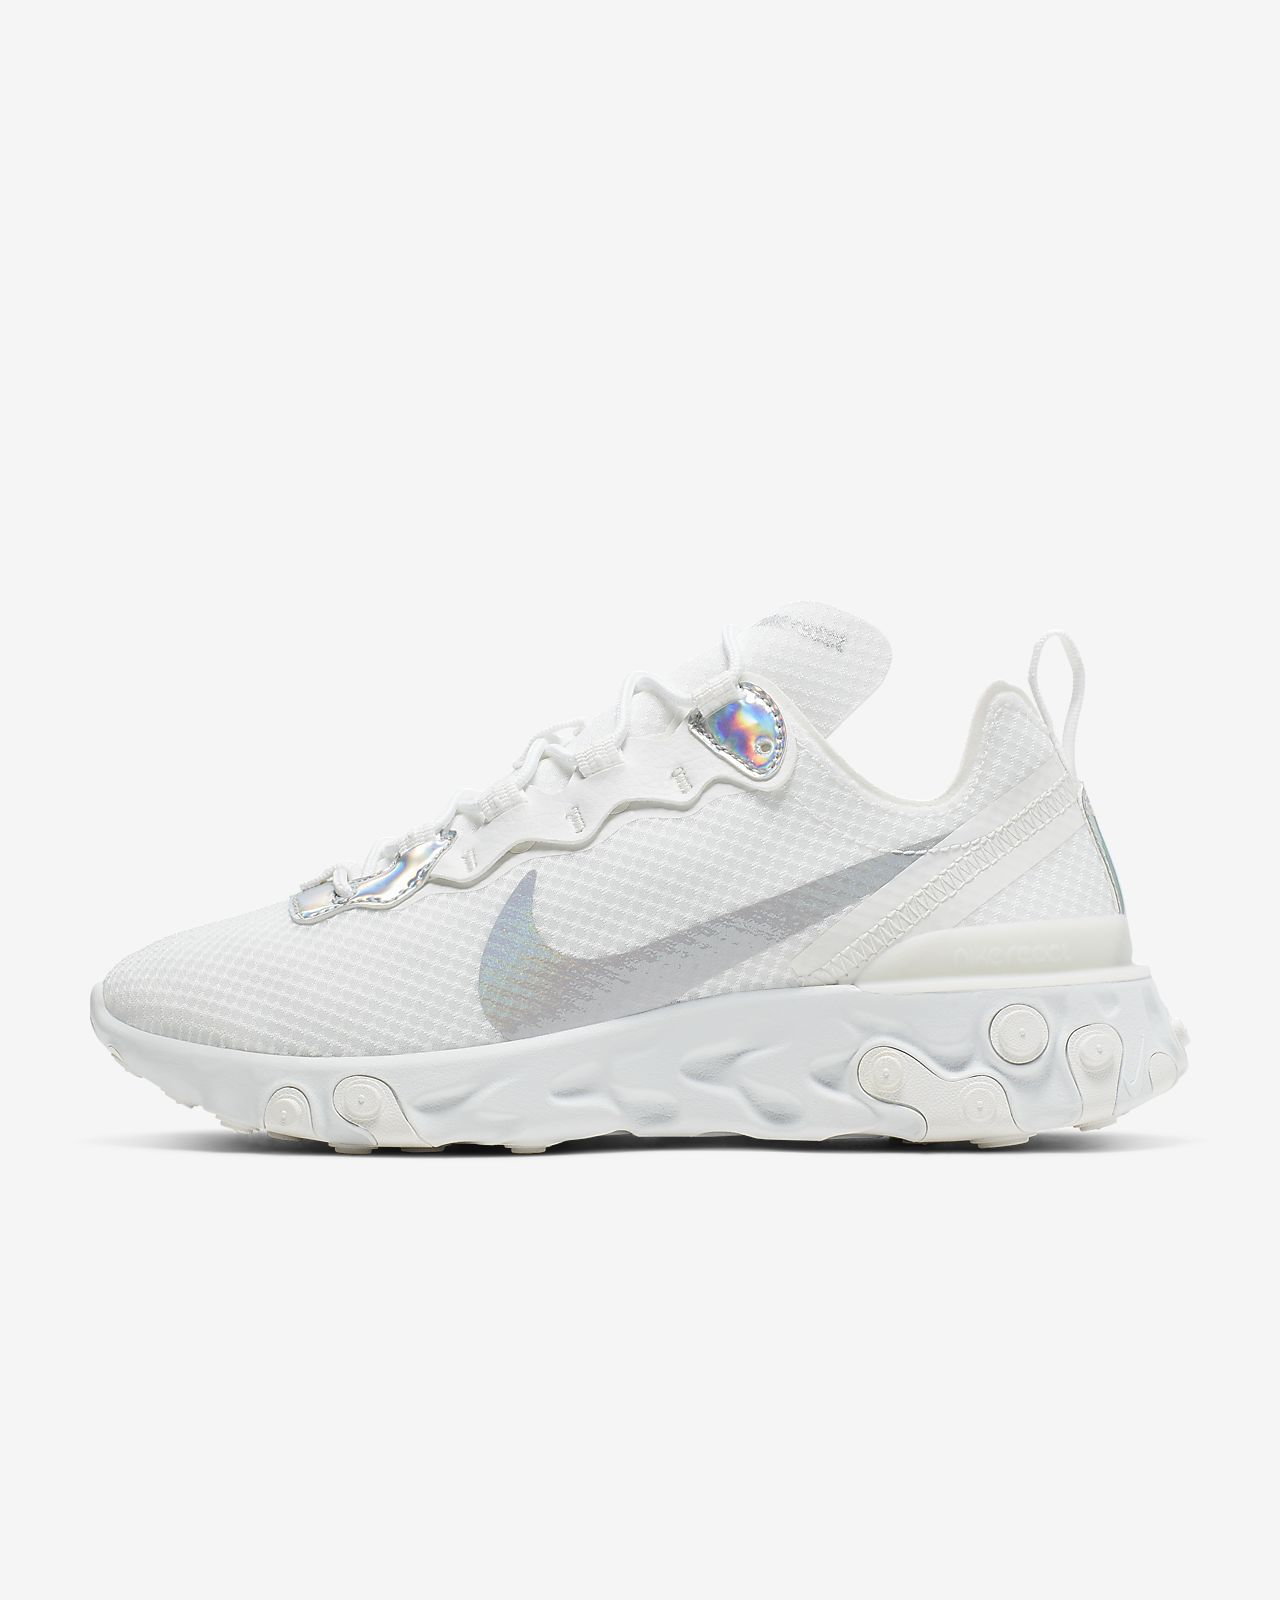 Γυναικείο παπούτσι με ιριδίζουσα όψη Nike React Element 55